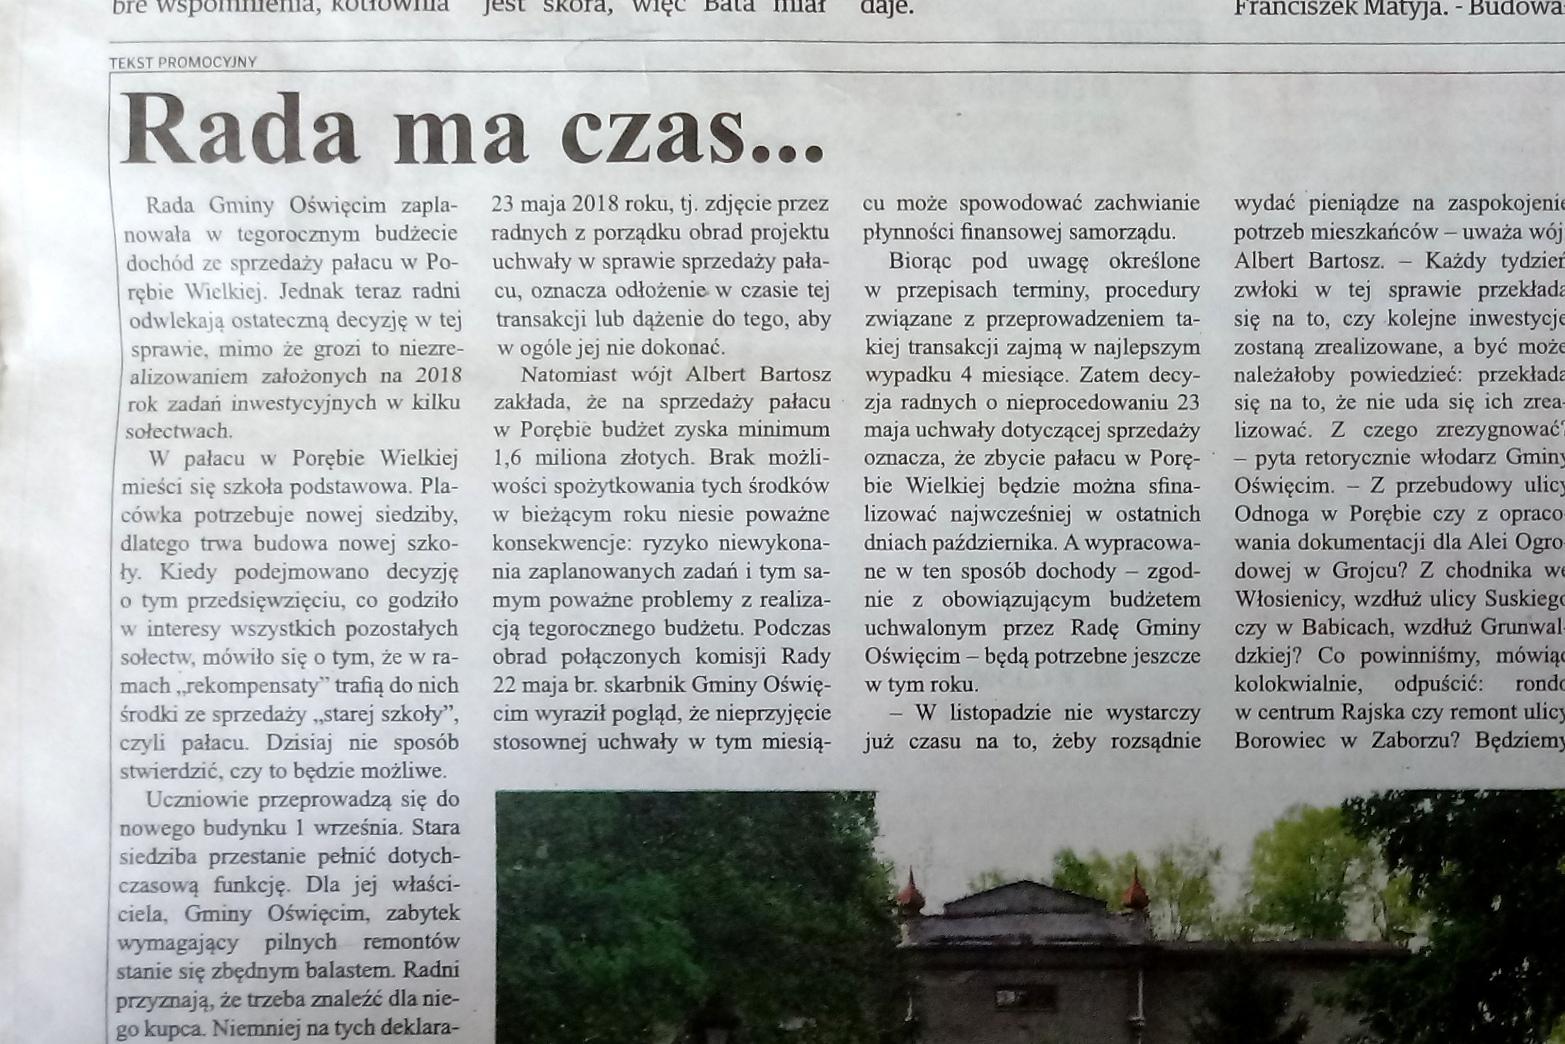 """Tekst ukazał się w dzisiejszej """"Krakowskiej"""" jako """"Tekst Promocyjny"""".Fot. red"""